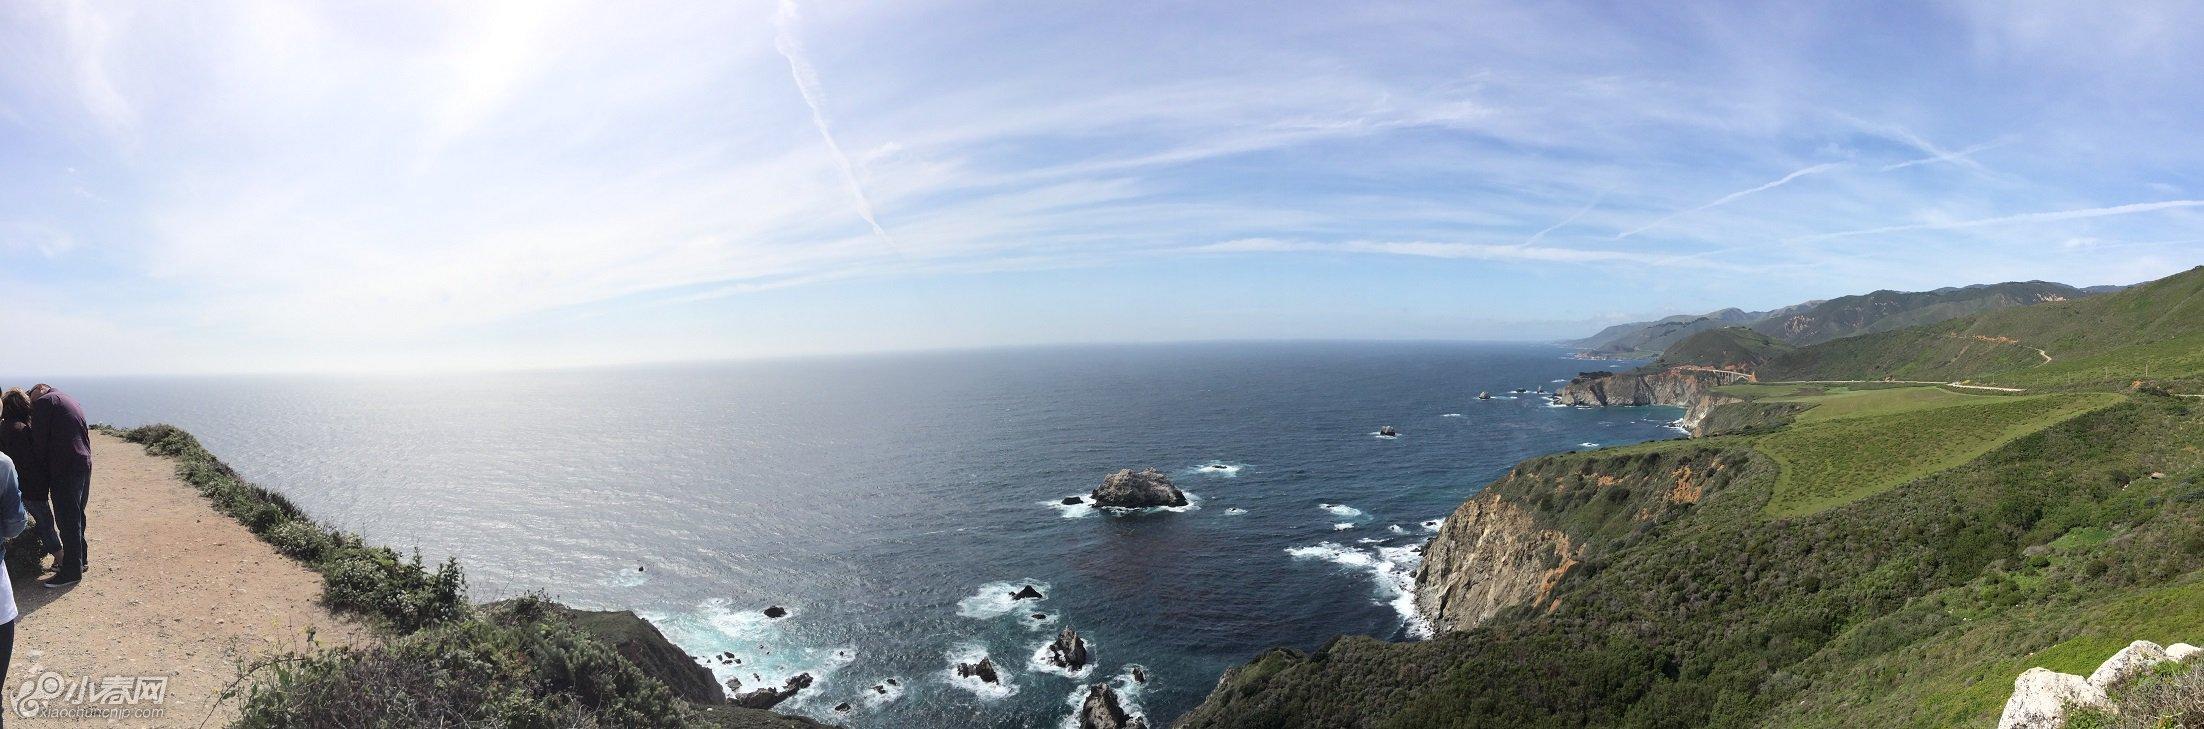 [分享]今年GW美国之行,加州1号公路+Infiniti G37篇(完)